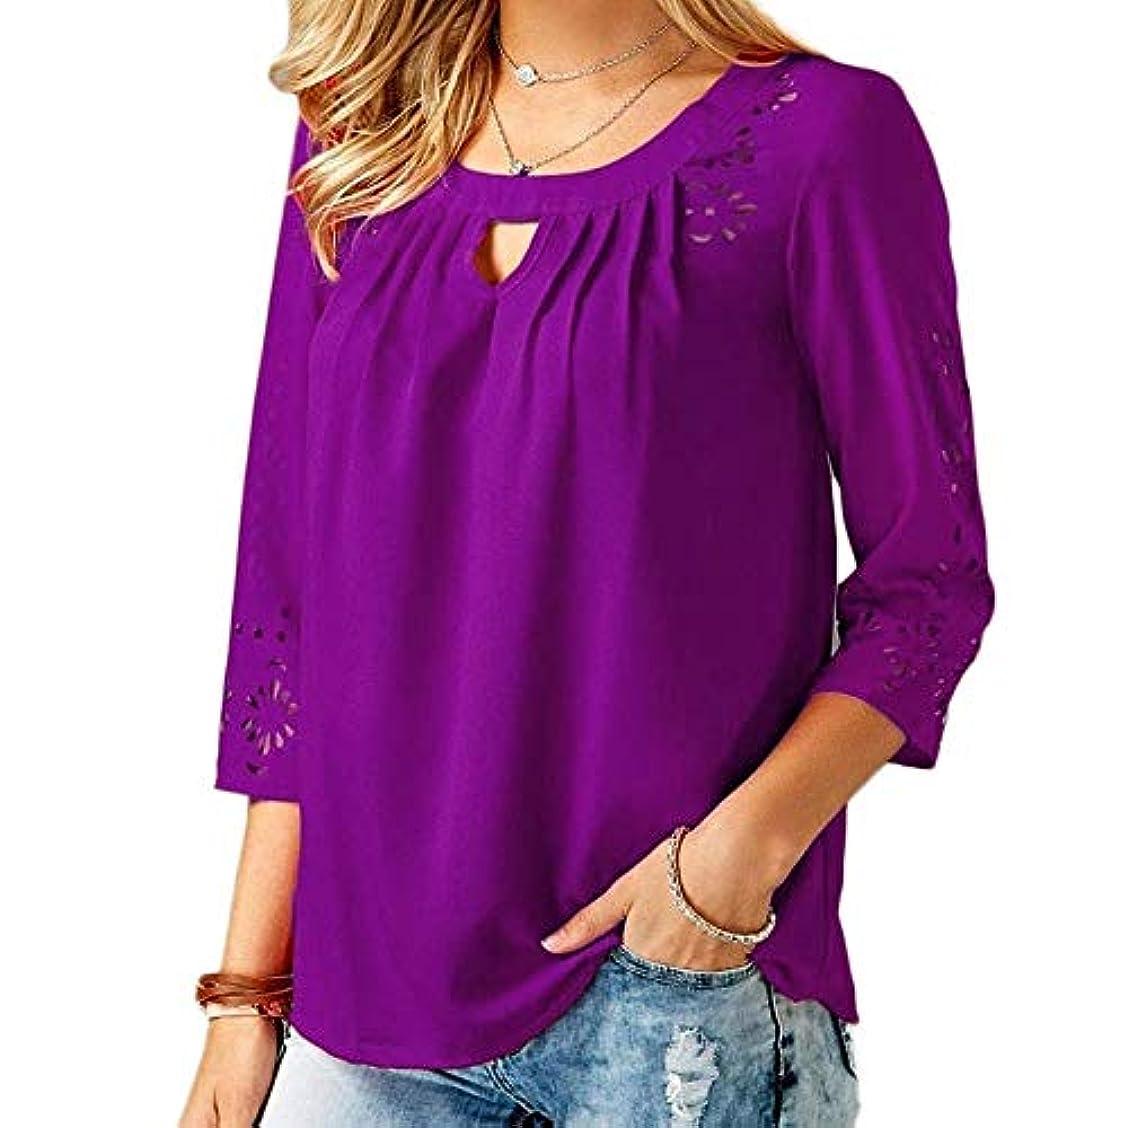 ブレイズ宇宙機会MIFAN ゆったりTシャツ、シフォンシャツ、カジュアルシャツ、女性トップ、プラスサイズトップ